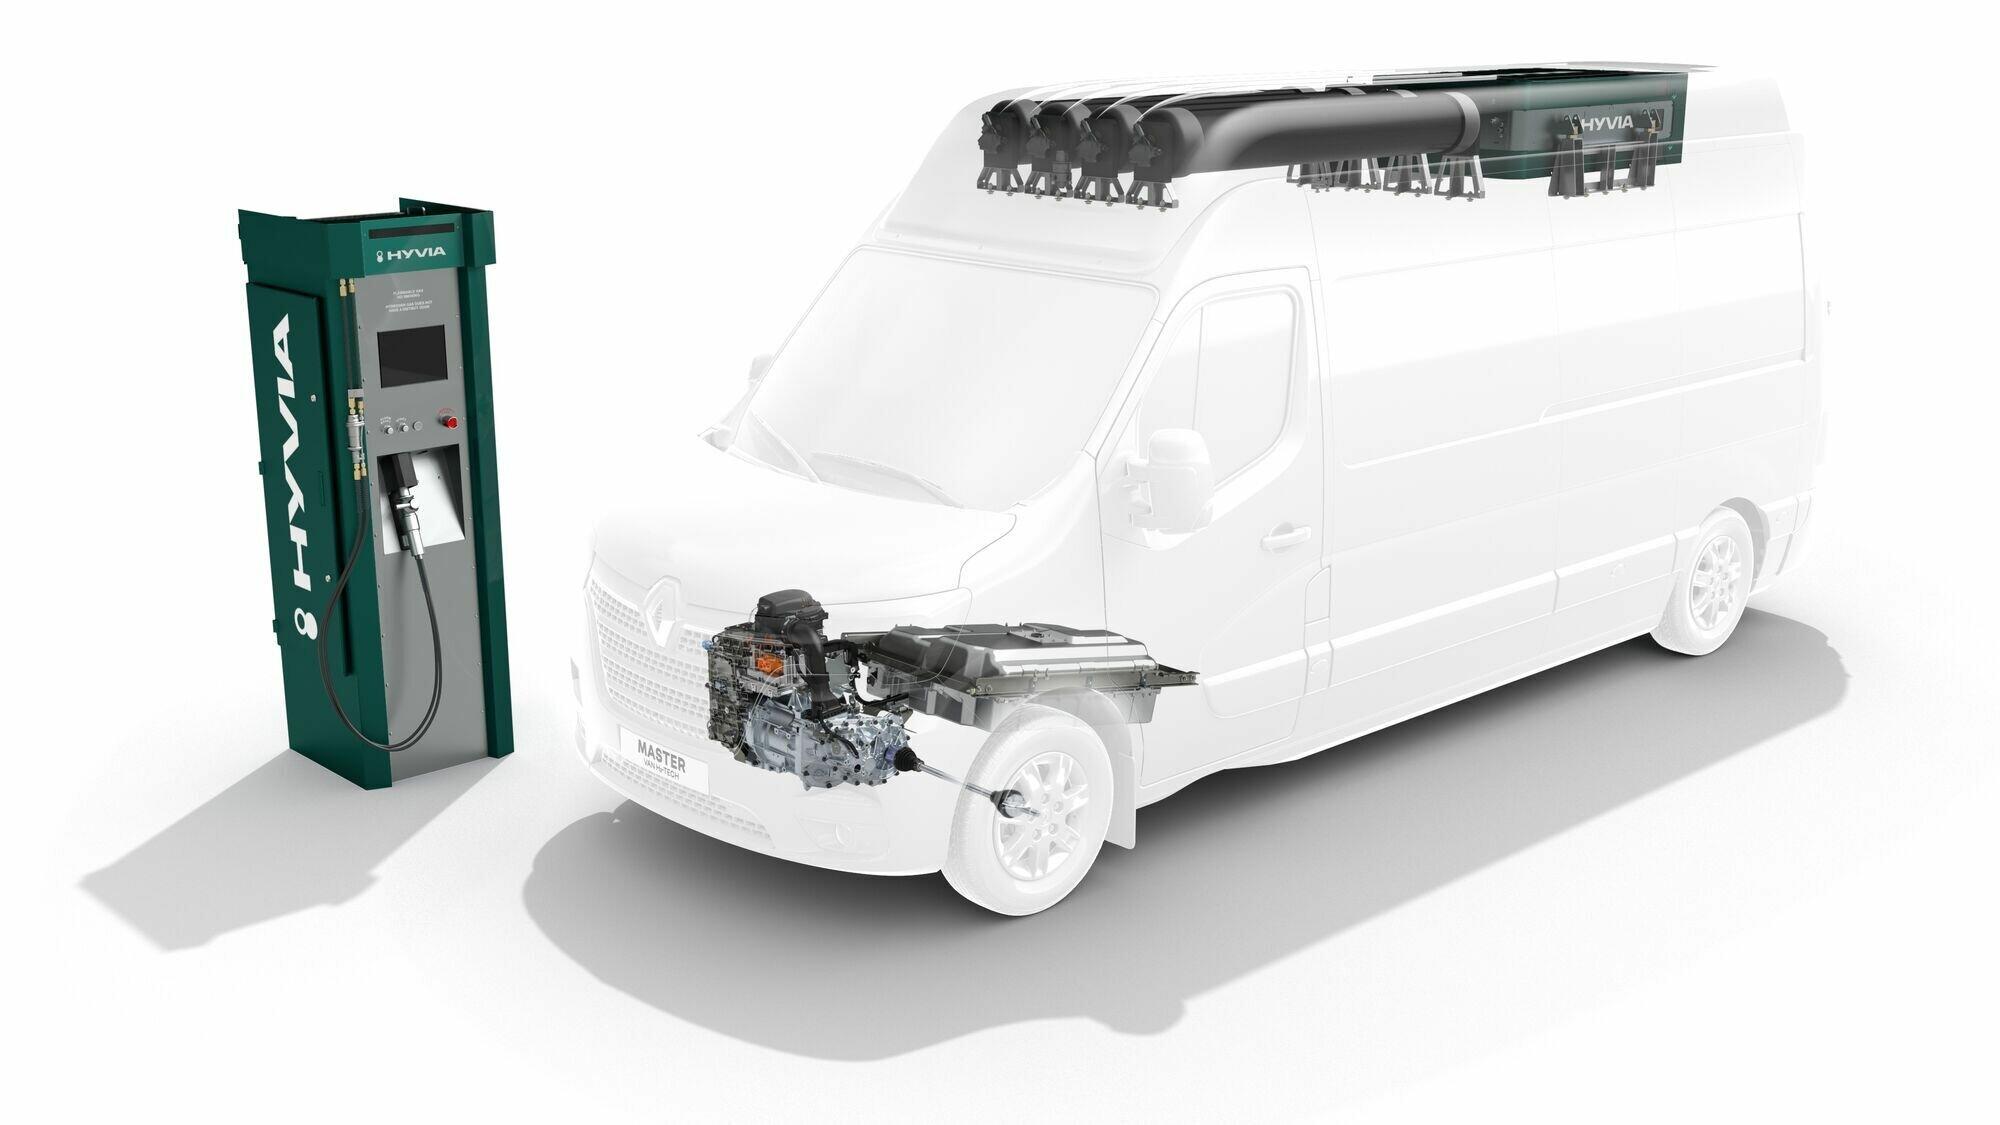 Расположение компонентов водородной установки в машинах с цельнометаллическим кузовом